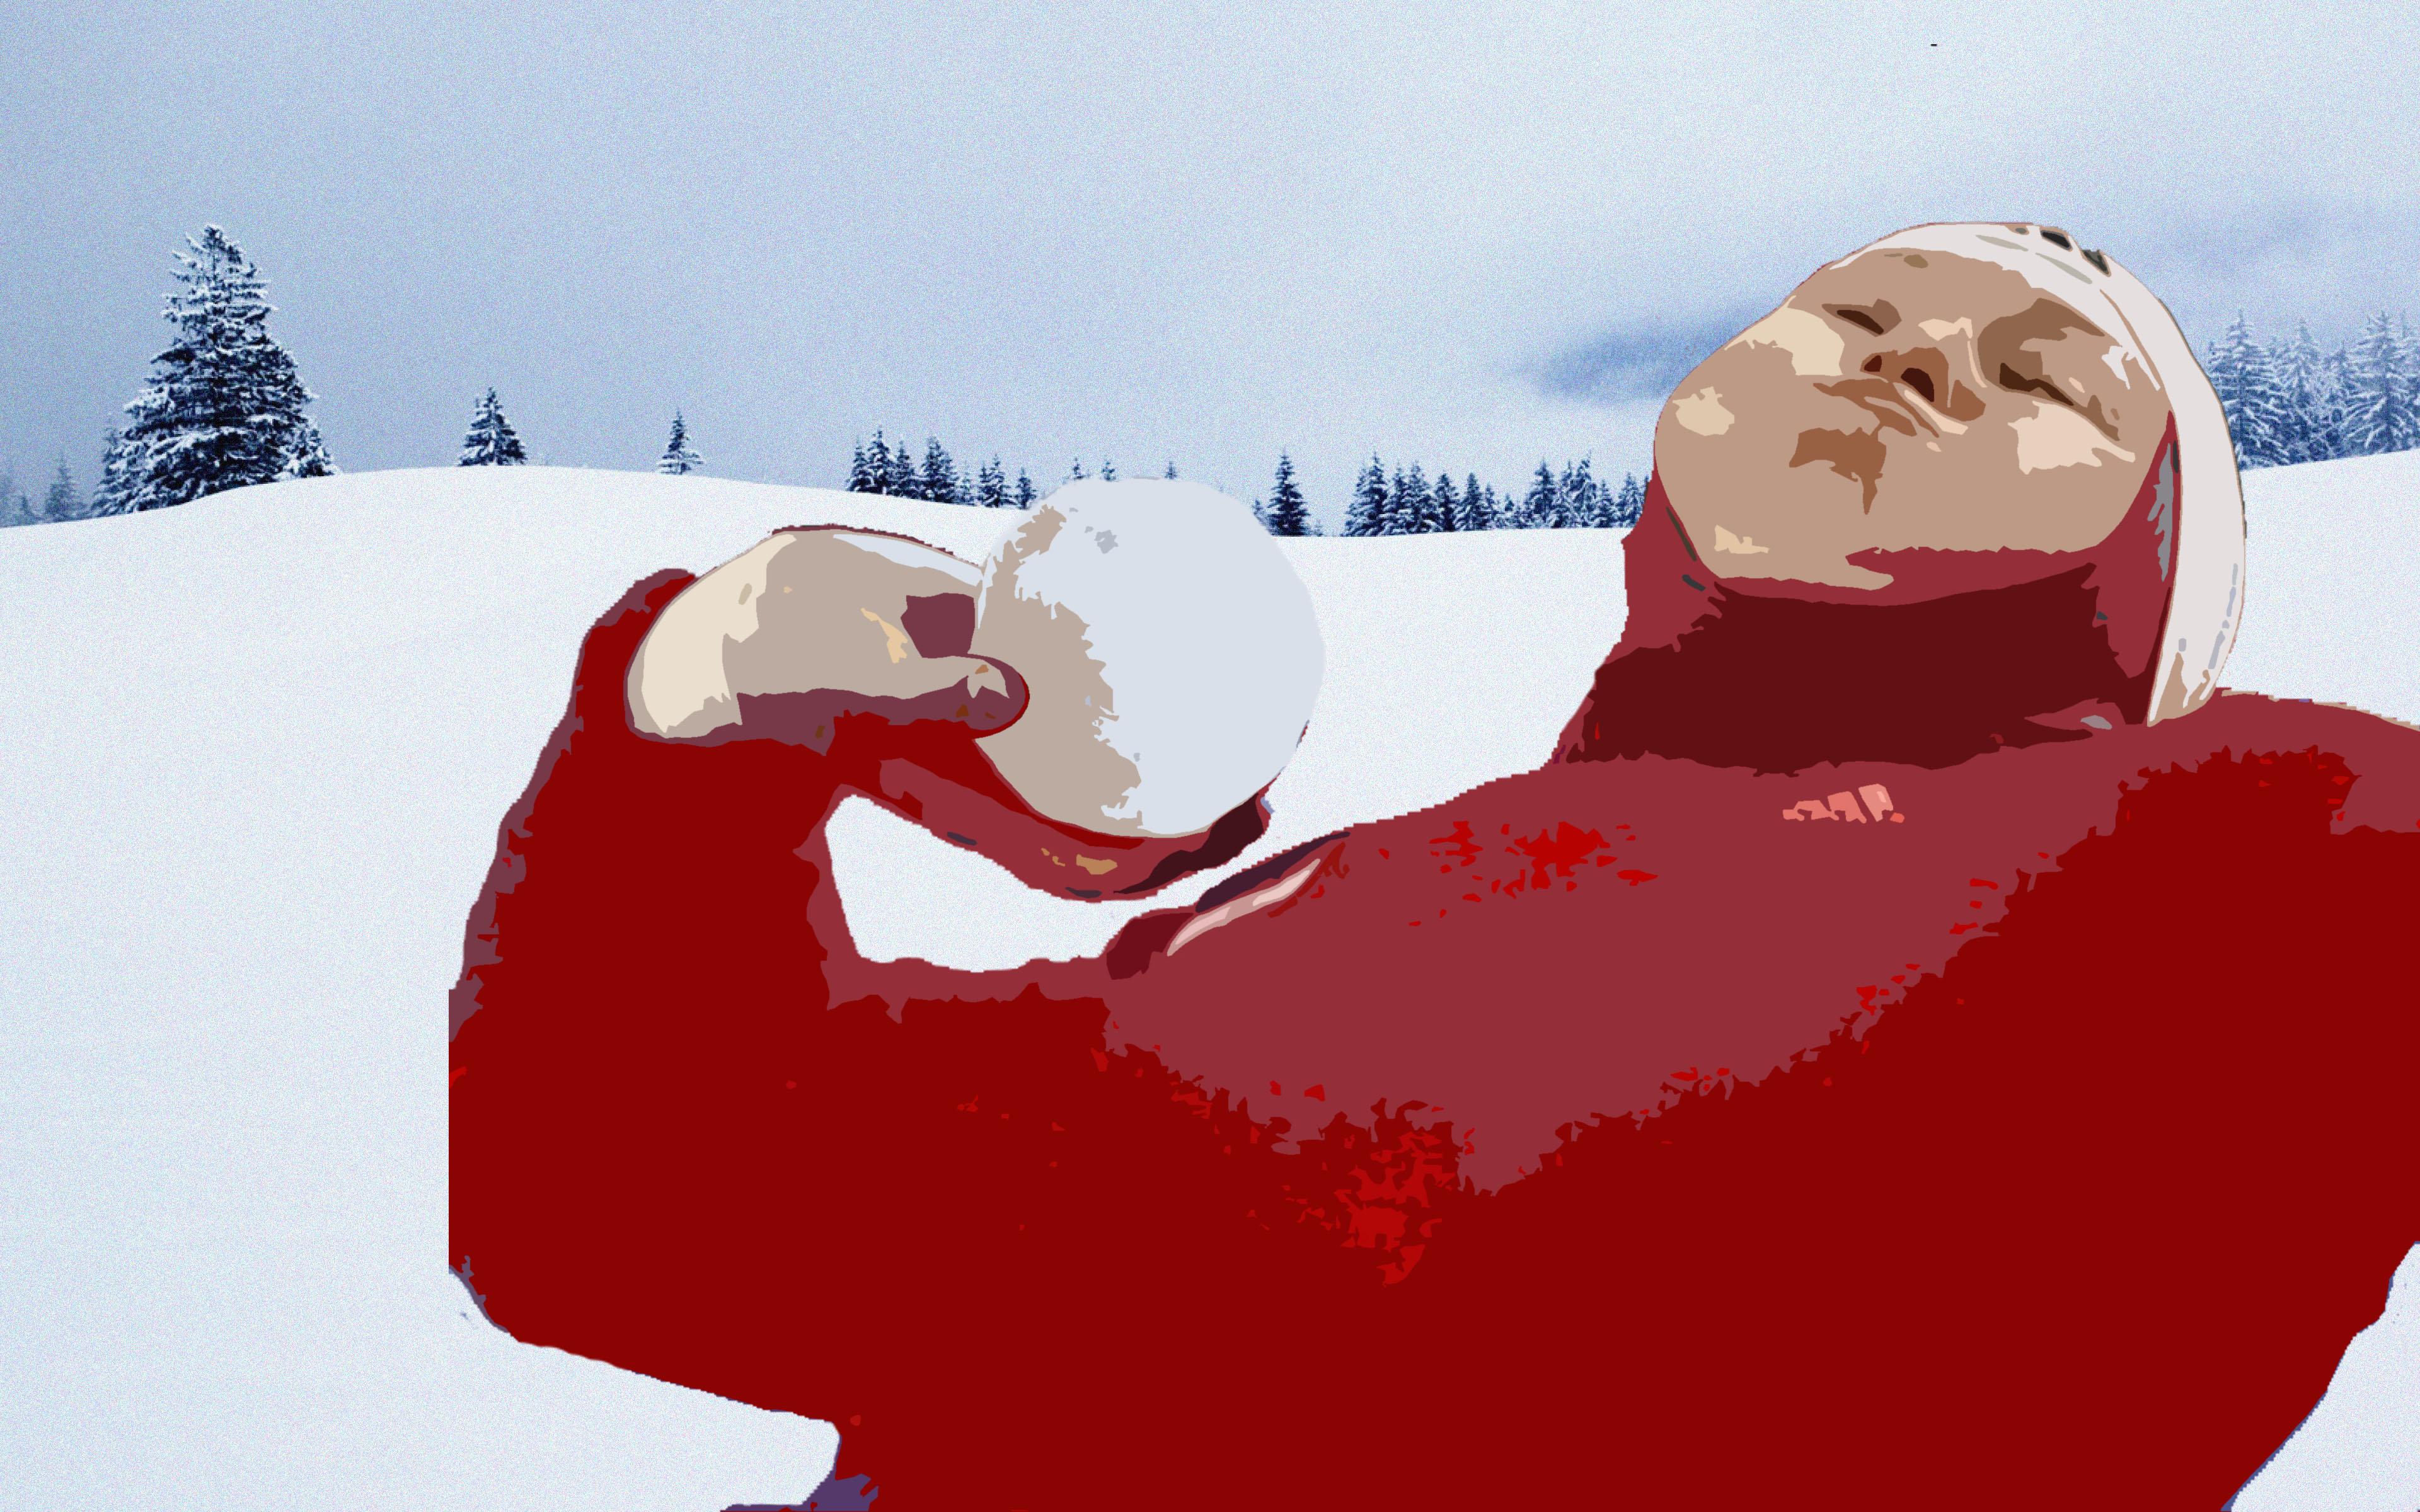 Снежки, зима, активный отдых, как играть в снежки